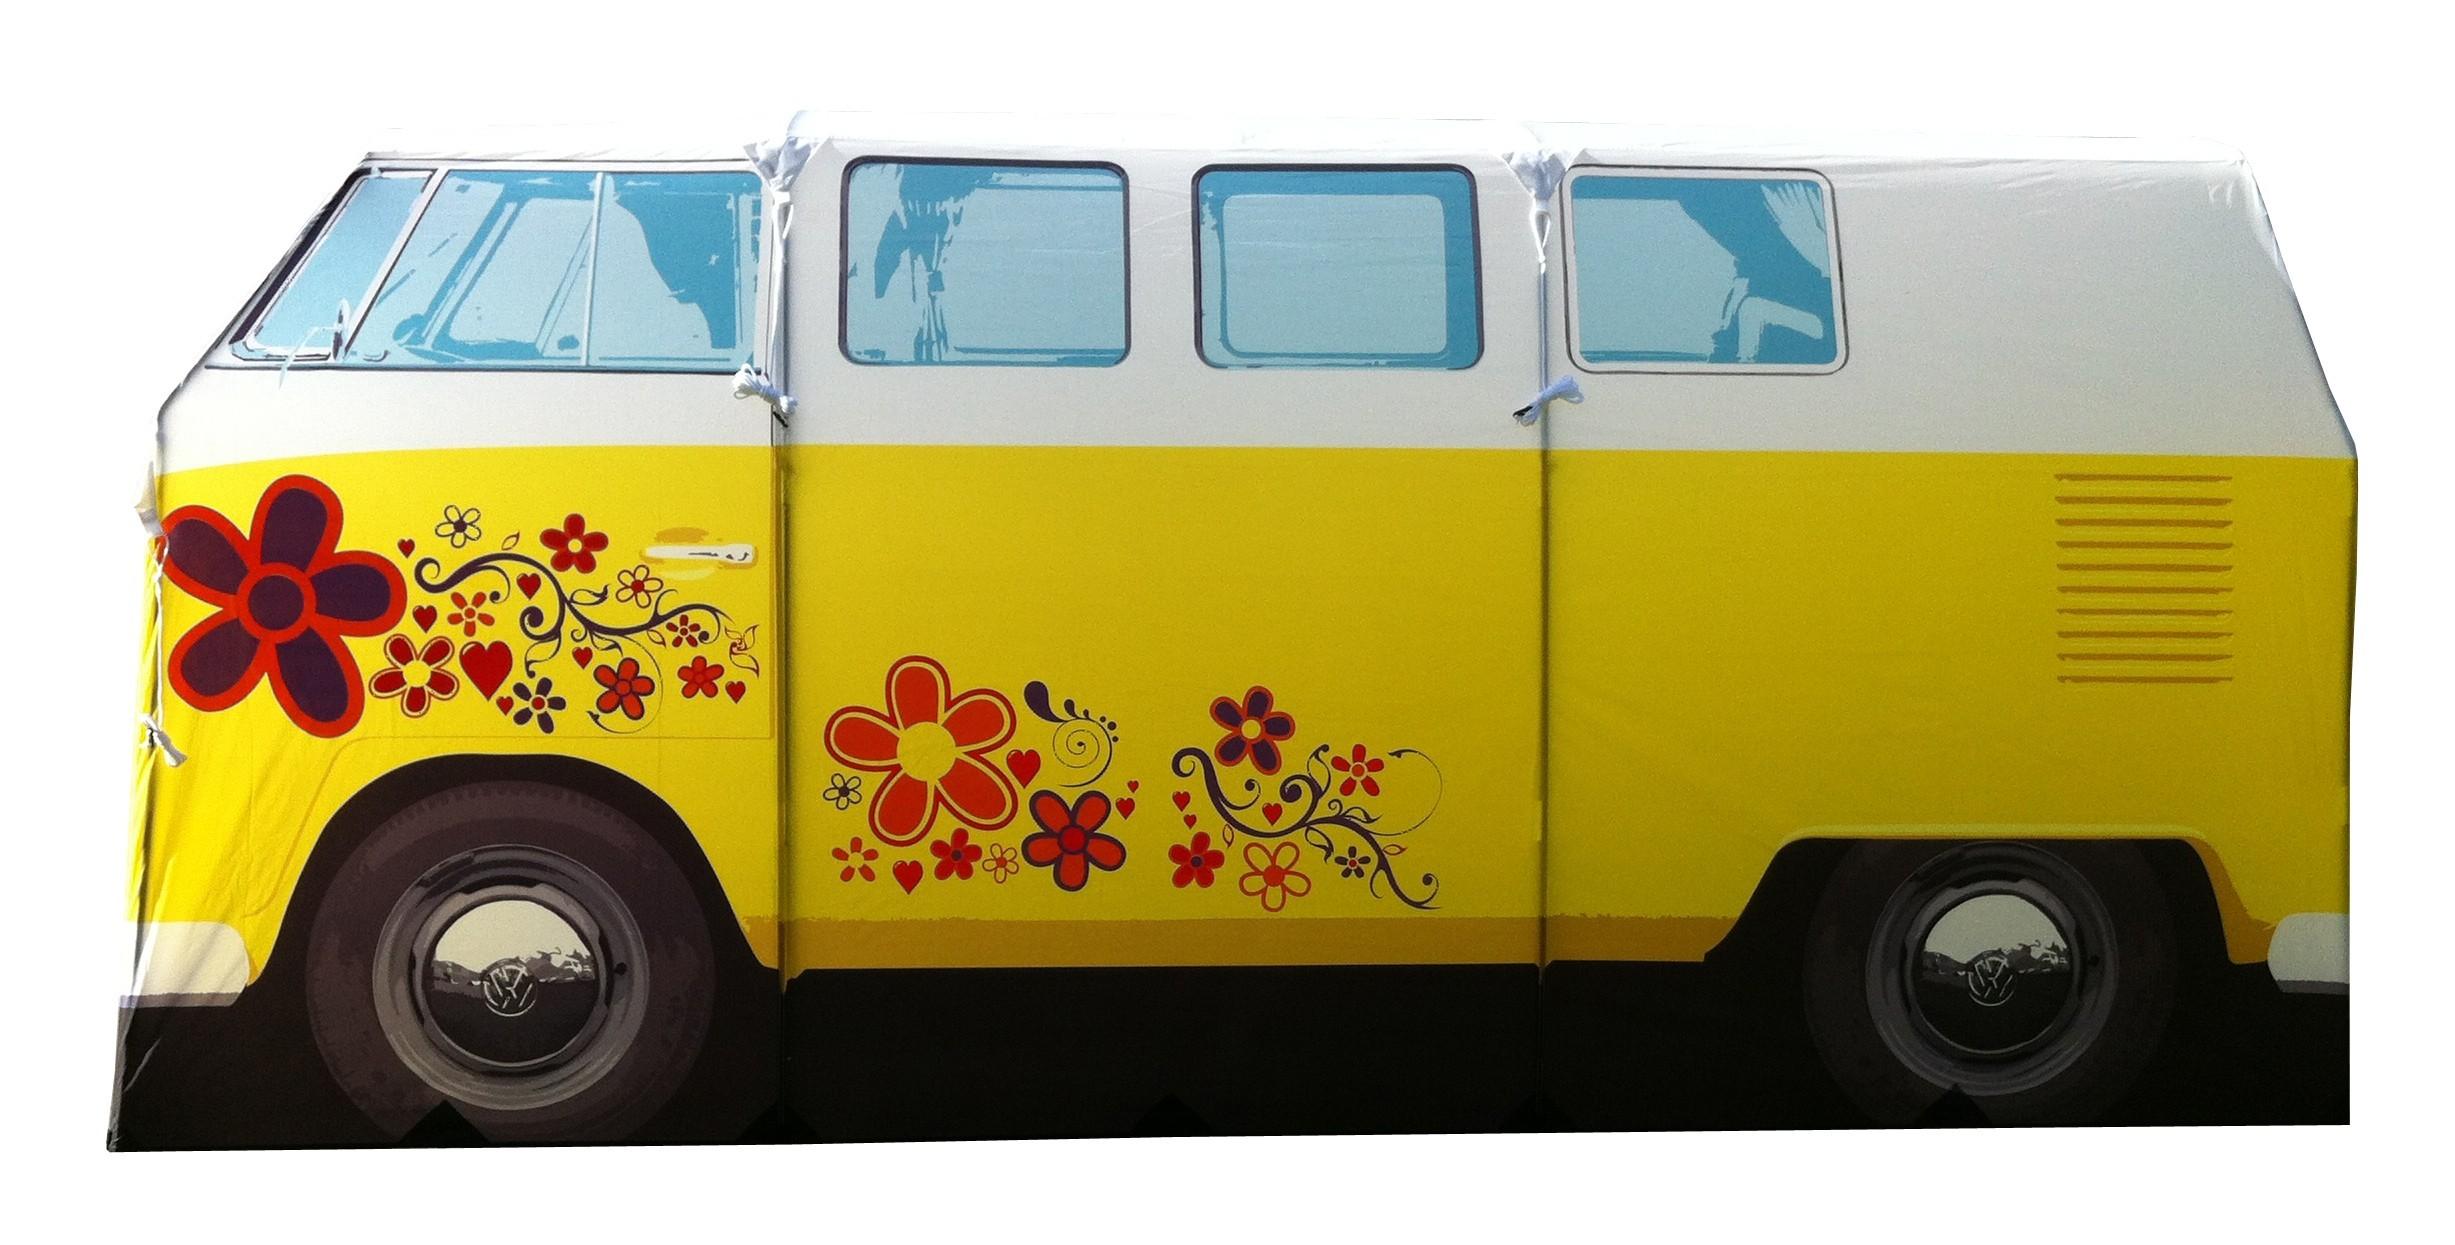 vw bus zelt bulli camper t1 hippielook gelb camper. Black Bedroom Furniture Sets. Home Design Ideas